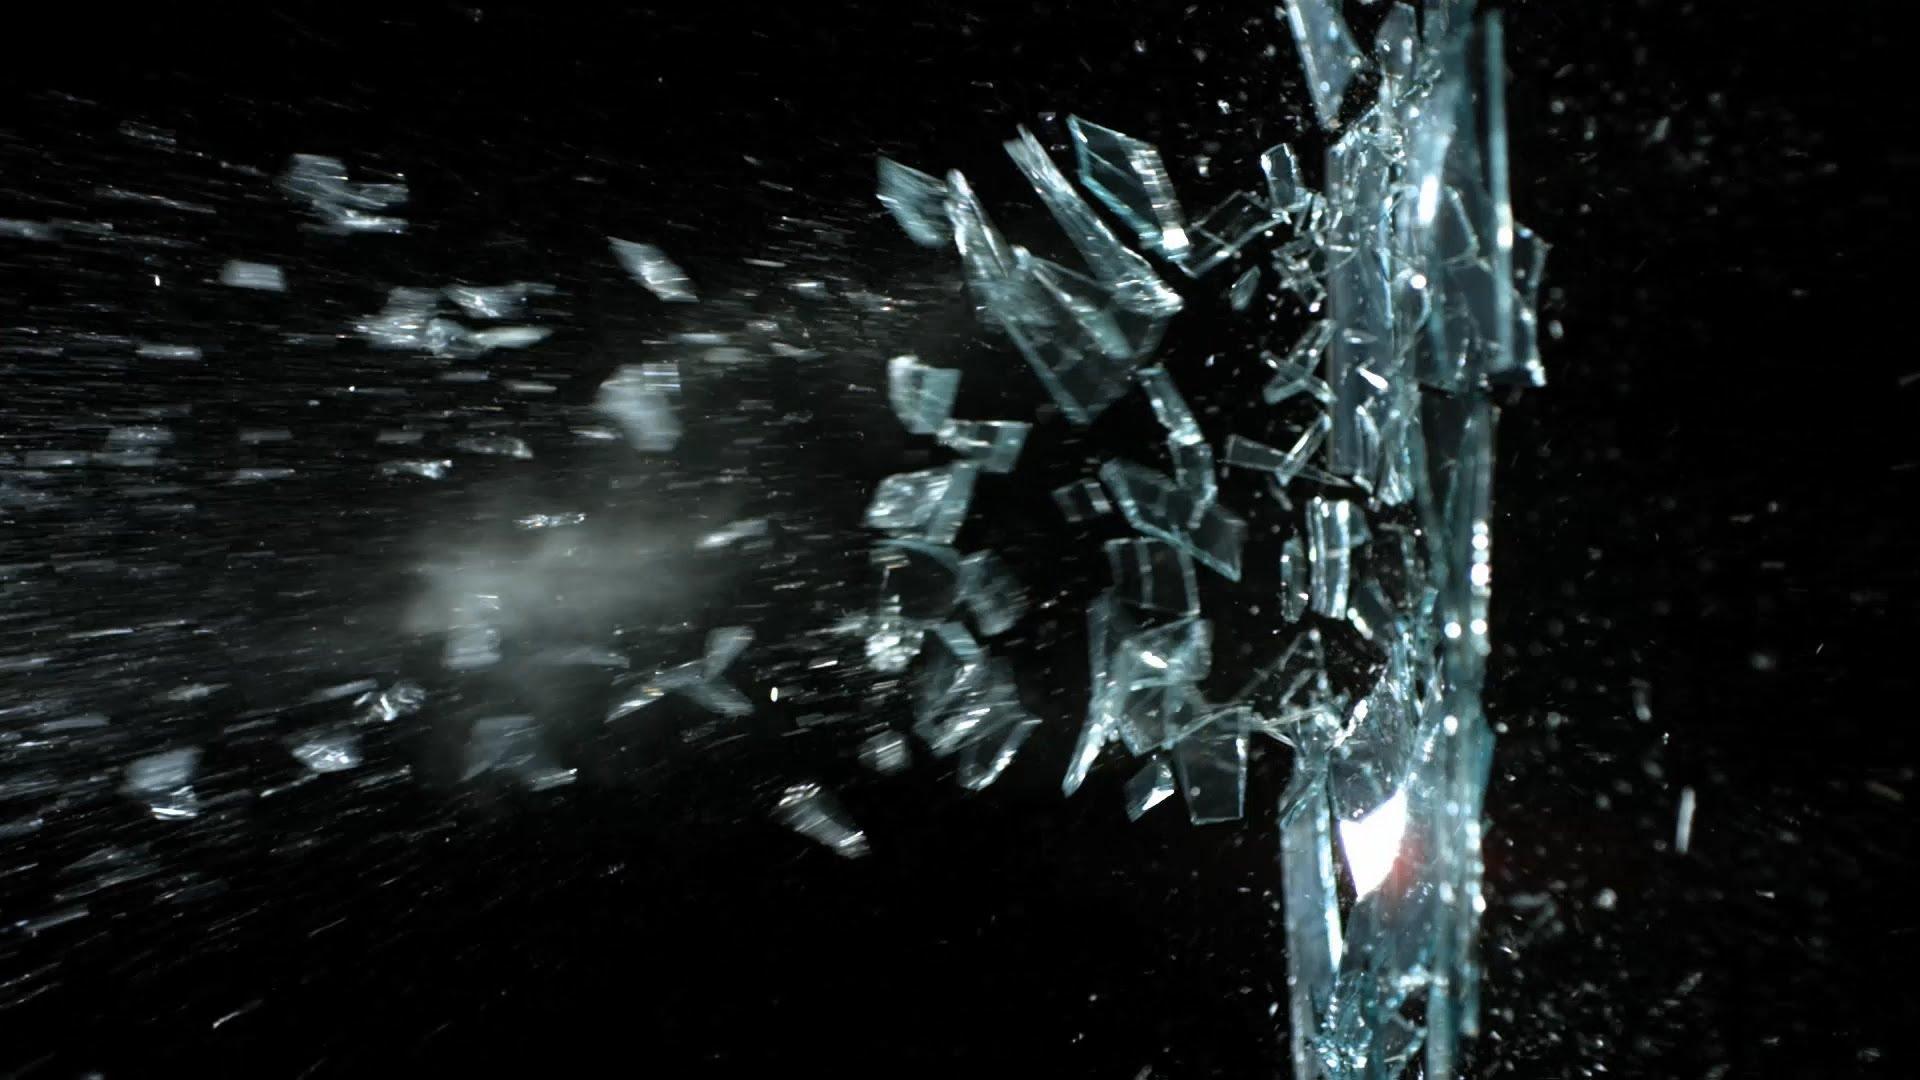 Night Car Crash Sound Effect